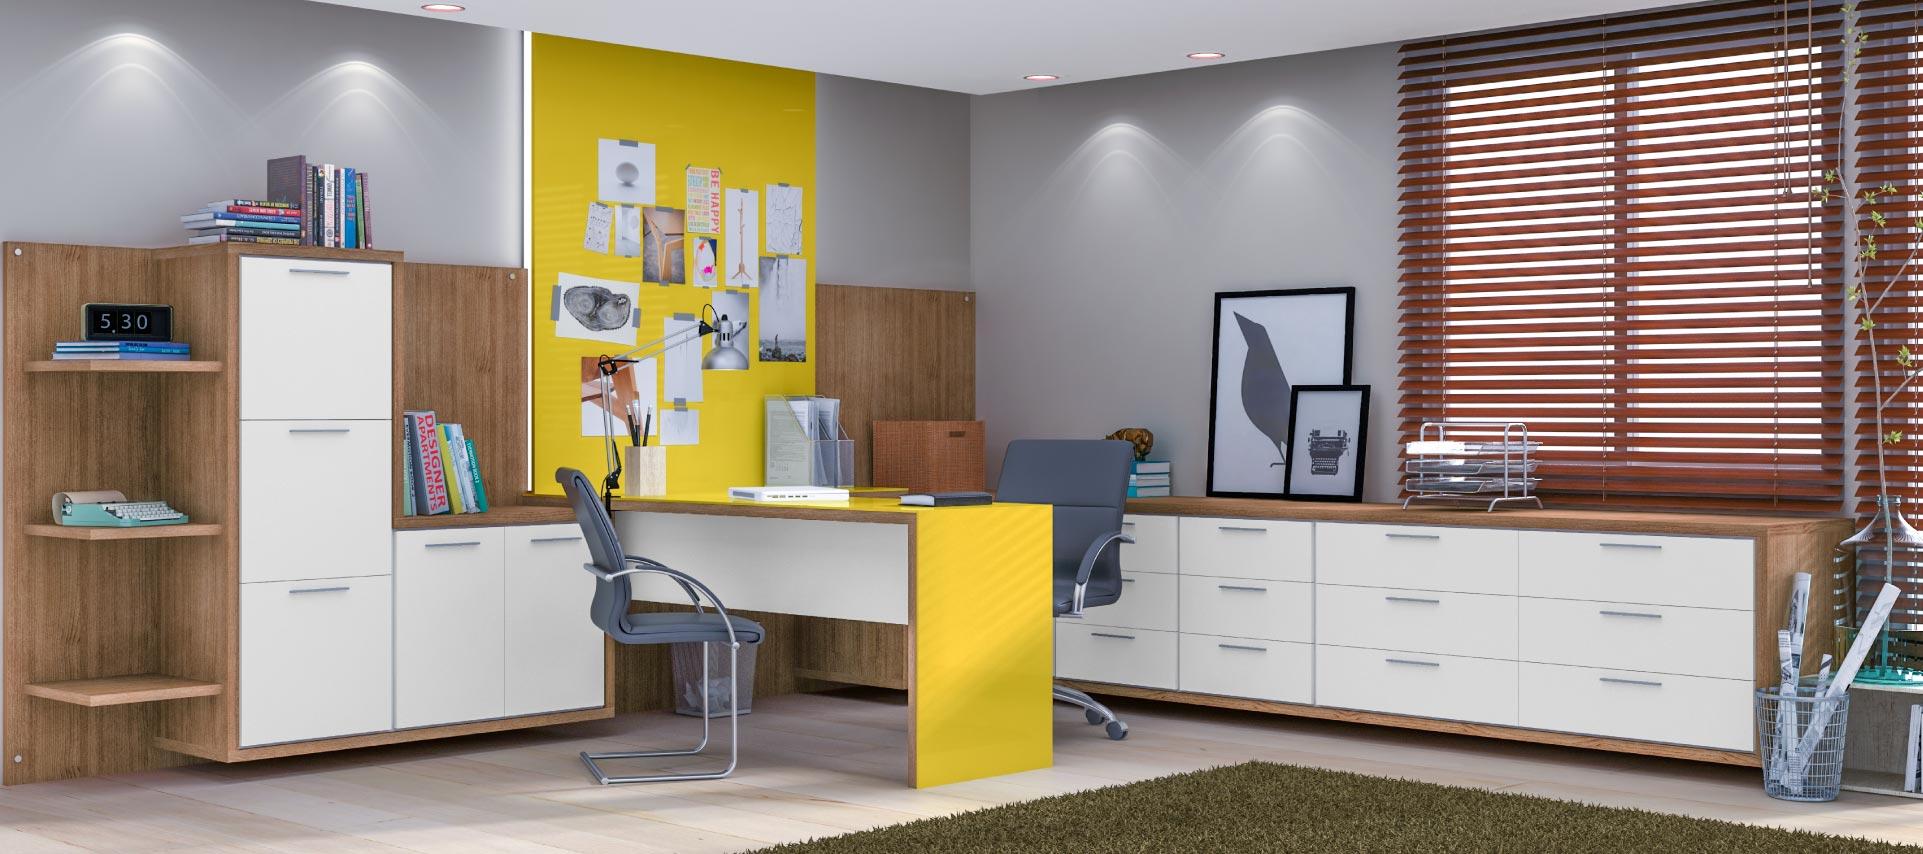 http://www.decor8planejados.com.br/wp-content/uploads/2016/03/moveis-home-office-moveis-planejados-3.jpg